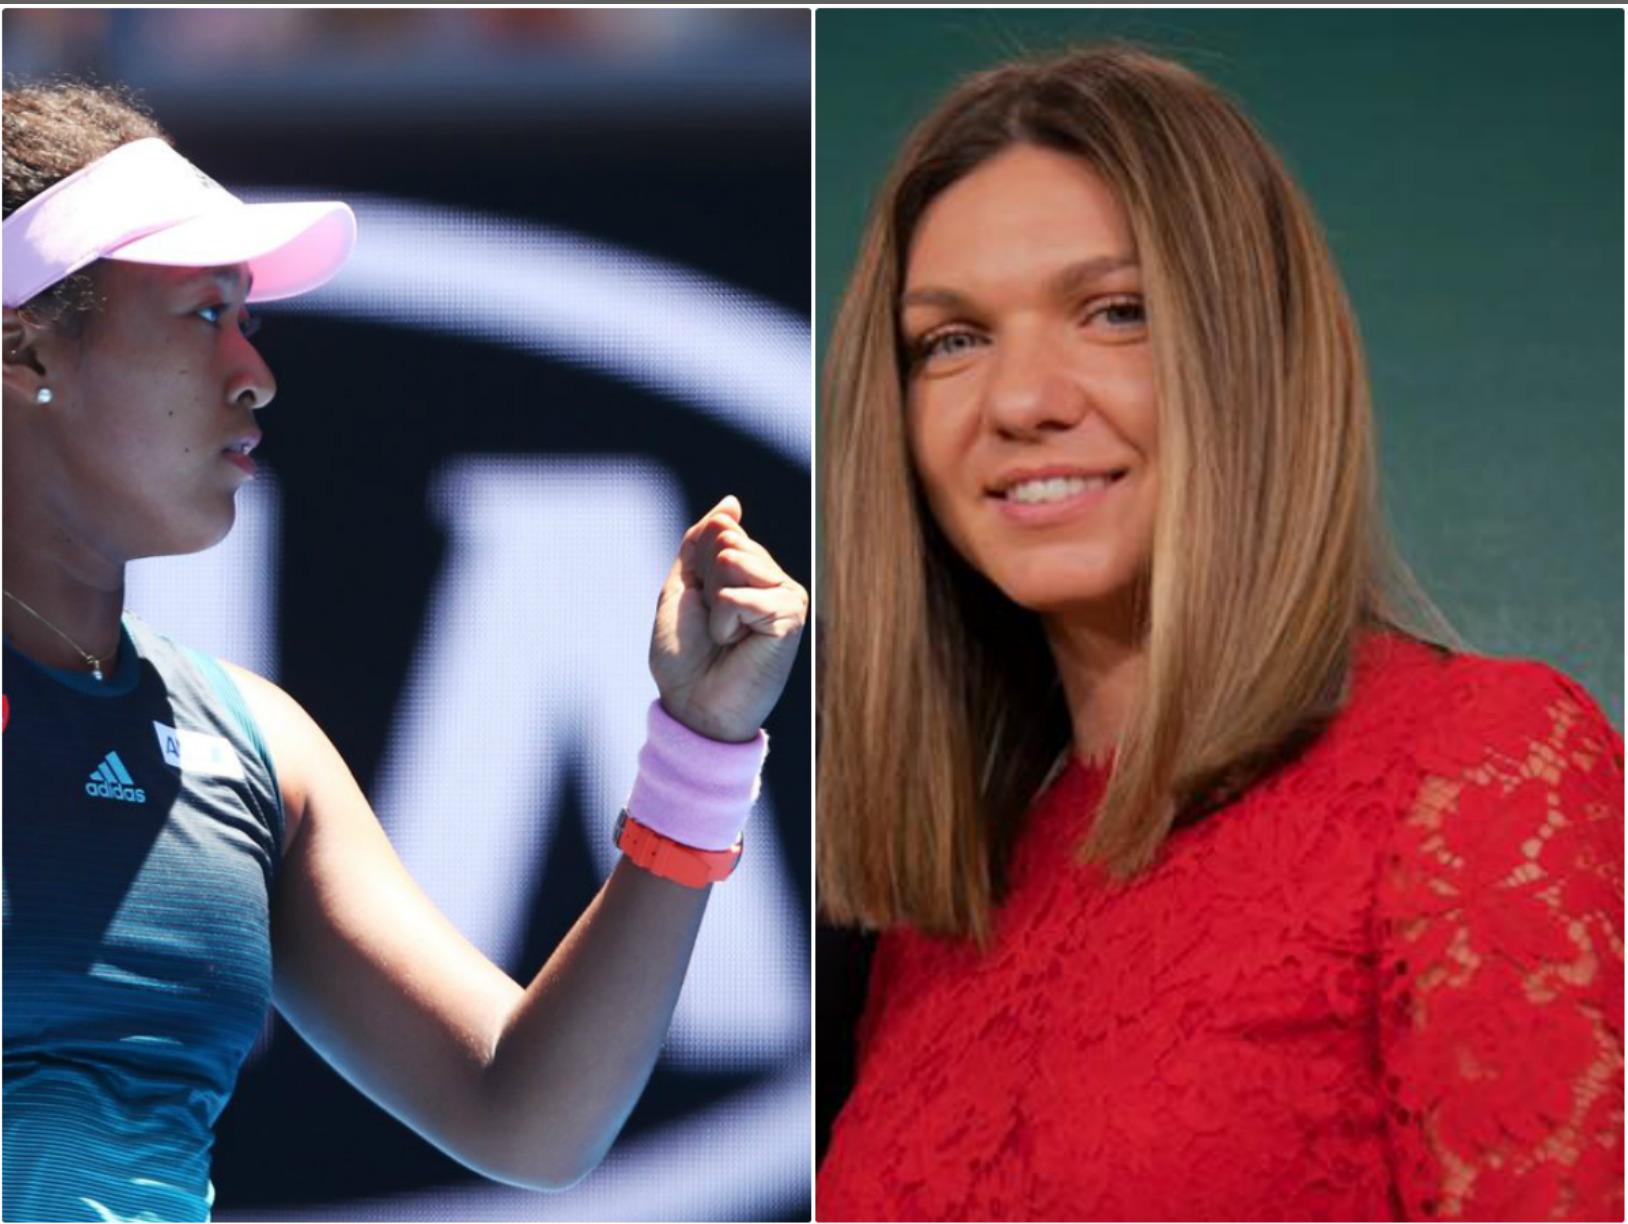 patru-motive-pentru-care-nu-trebuie-sa-ratezi-meciurile-de-pe-tabloul-feminin-la-roland-garros-2019-tragerea-la-sorti-a-adus-sare-